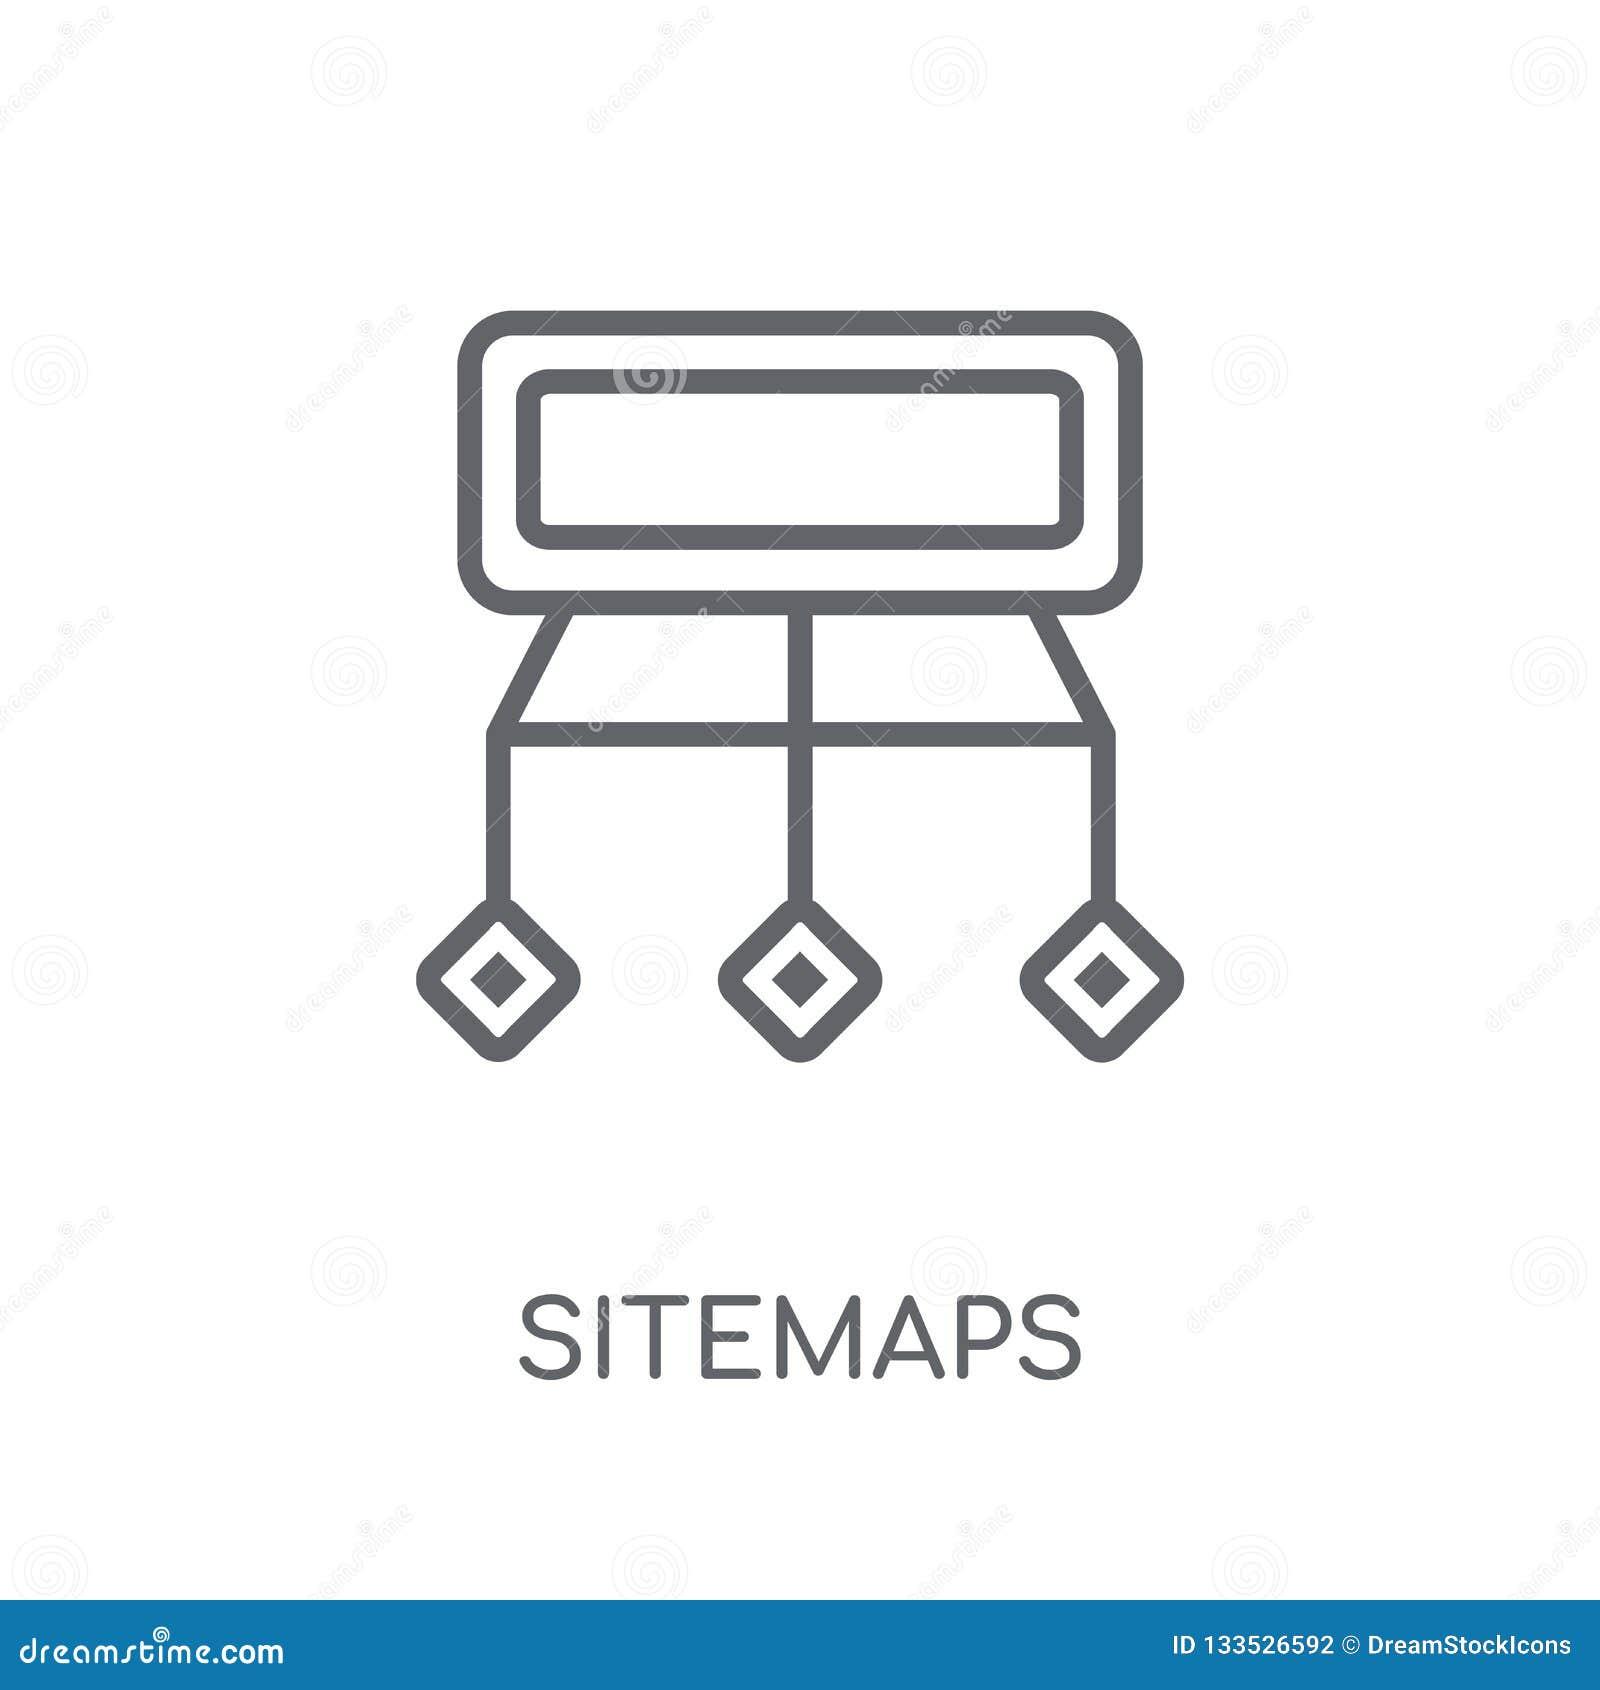 Sitemaps lineair pictogram Modern het embleemconcept van overzichtssitemaps op wh